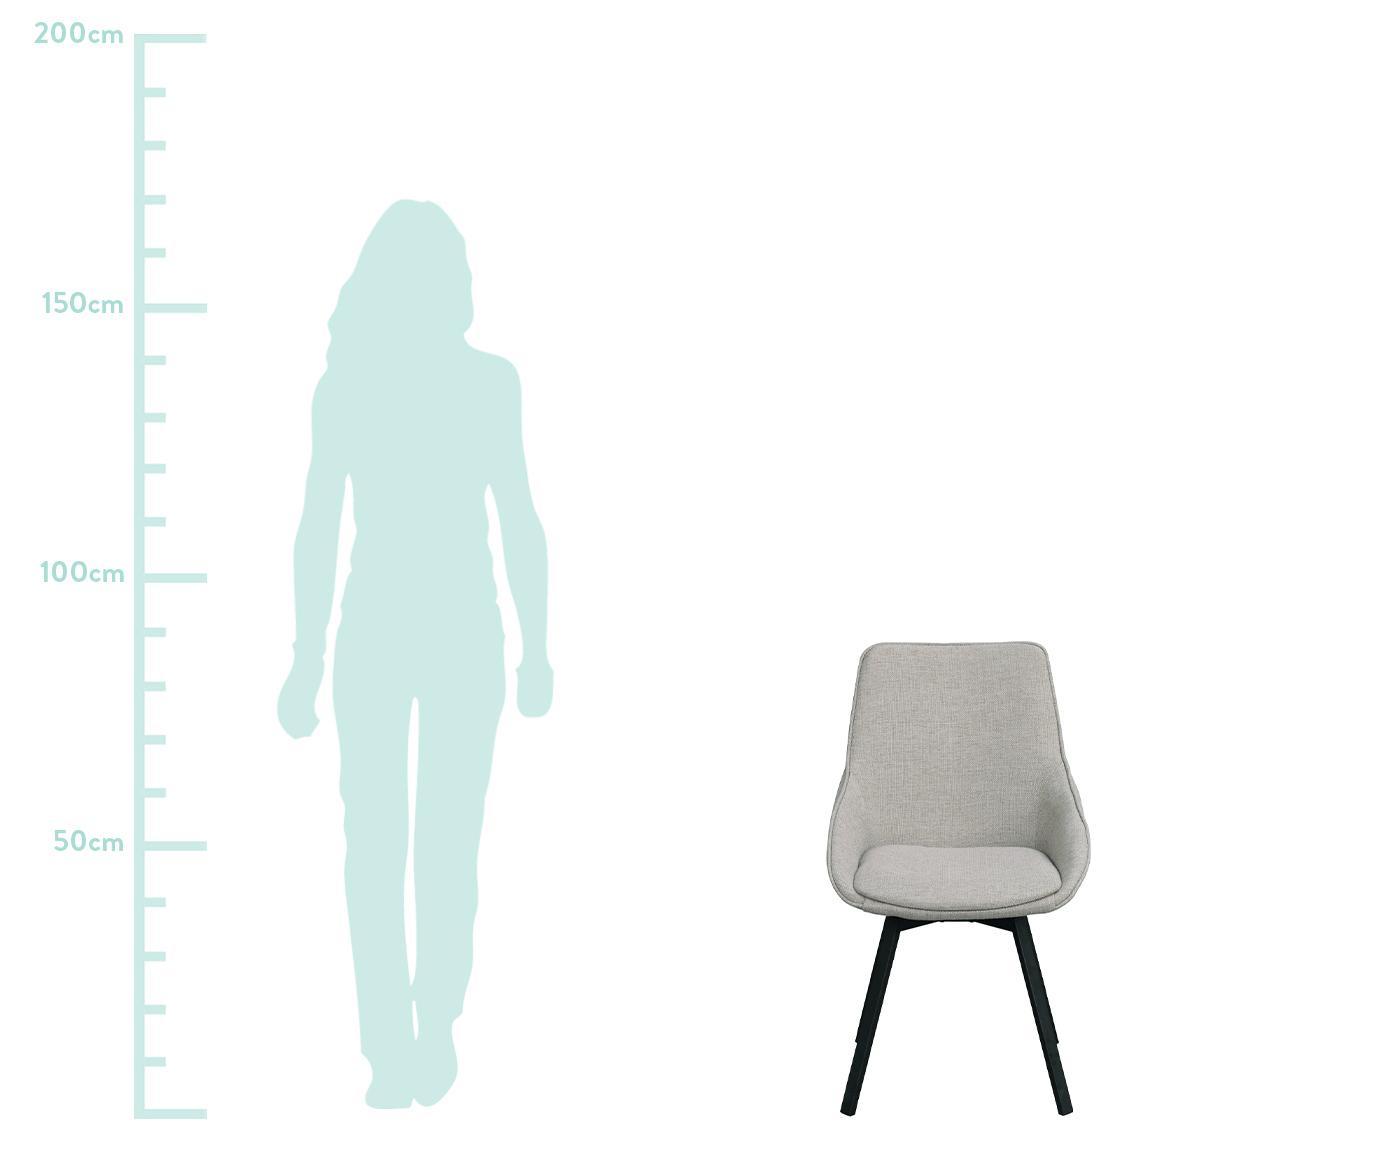 Tapicerowane krzesło obrotowe Alison, Tapicerka: poliester 50 000 cykli w , Nogi: metal malowany proszkowo, Jasny szary, czarny, S 51 x G 57 cm